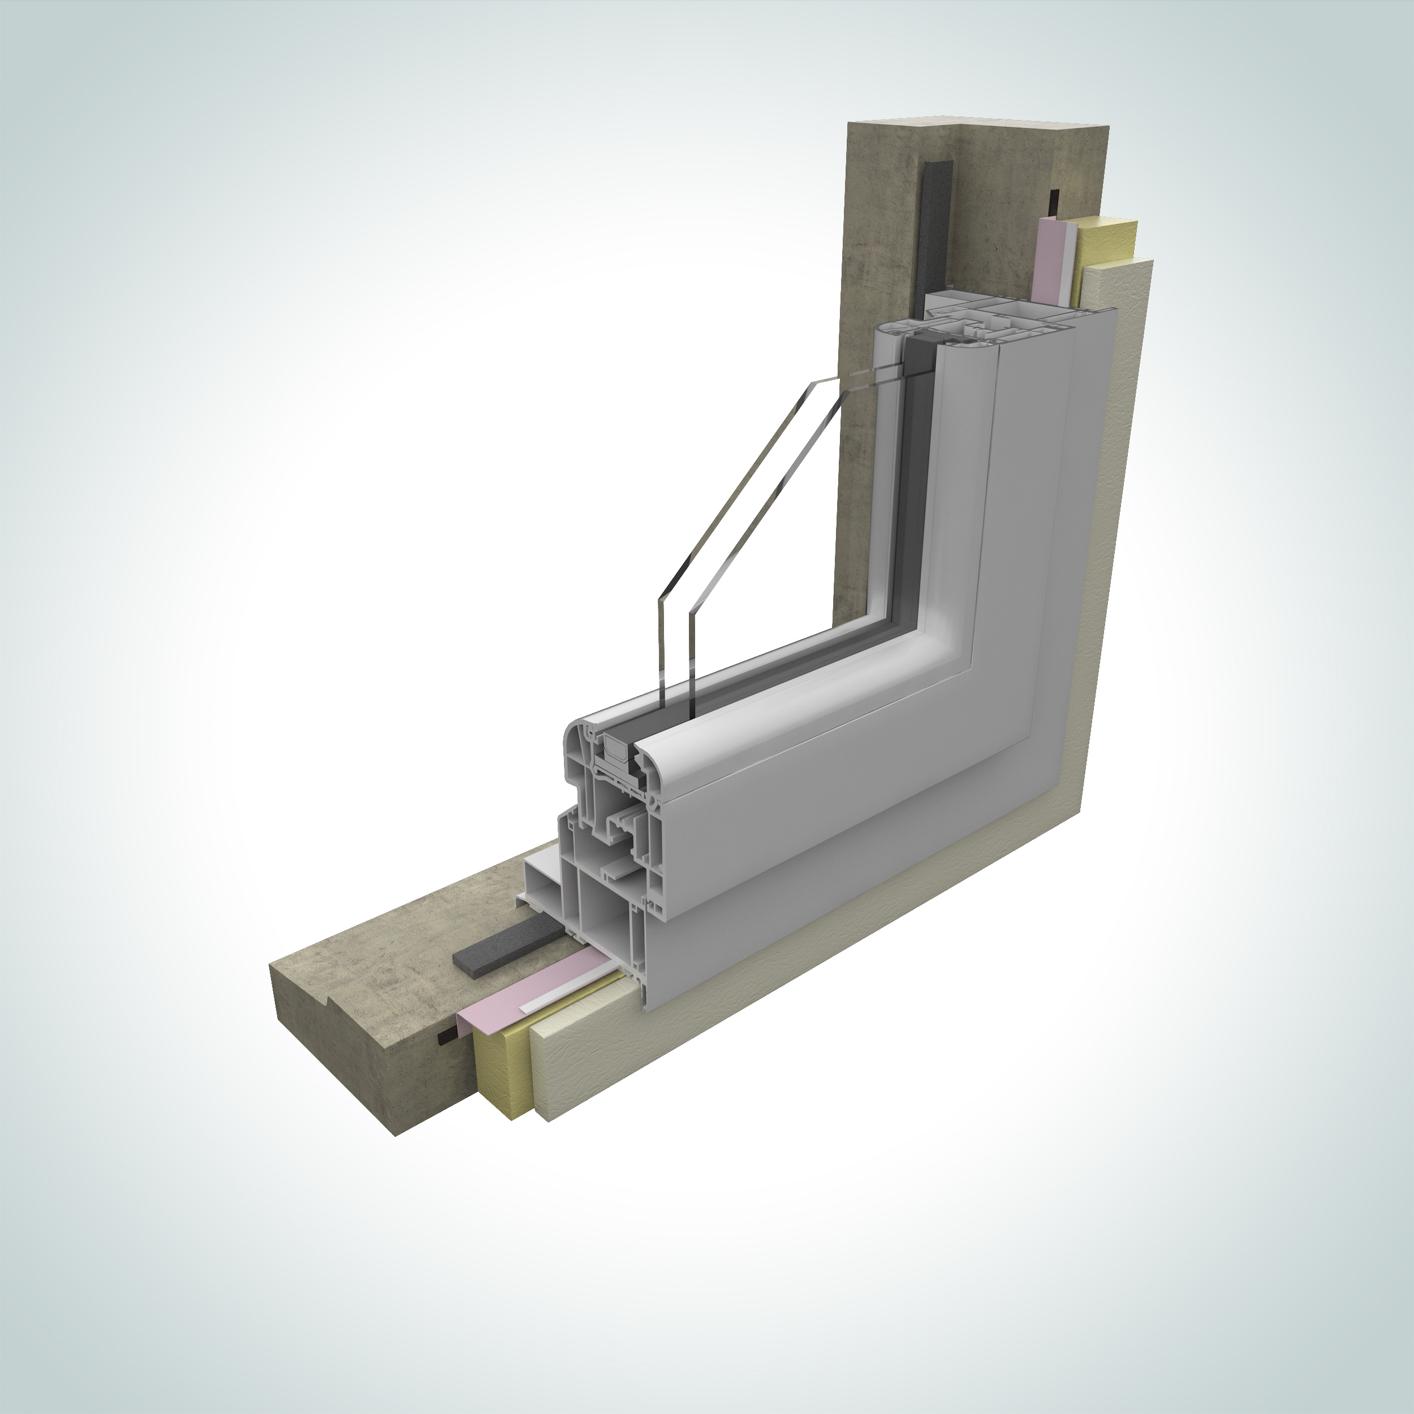 Modélisation 3D schéma technique par Dripmoon